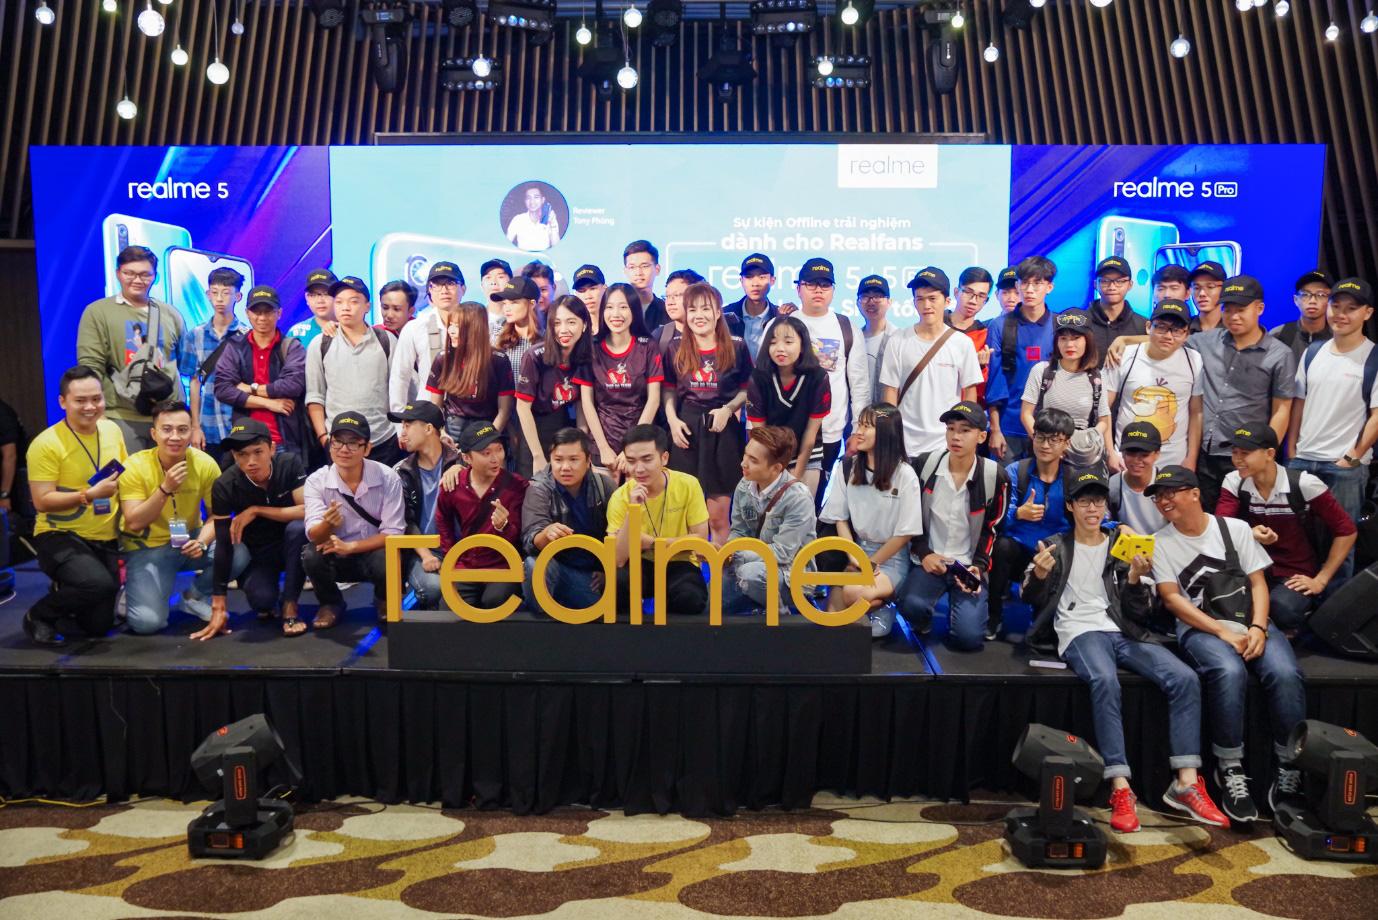 Dấu ấn Realme để lại trong năm 2019: ra mắt sản phẩm mới, xây dựng cộng đồng Realfan và tổ chức 2 đại nhạc hội hoành tráng - Ảnh 8.